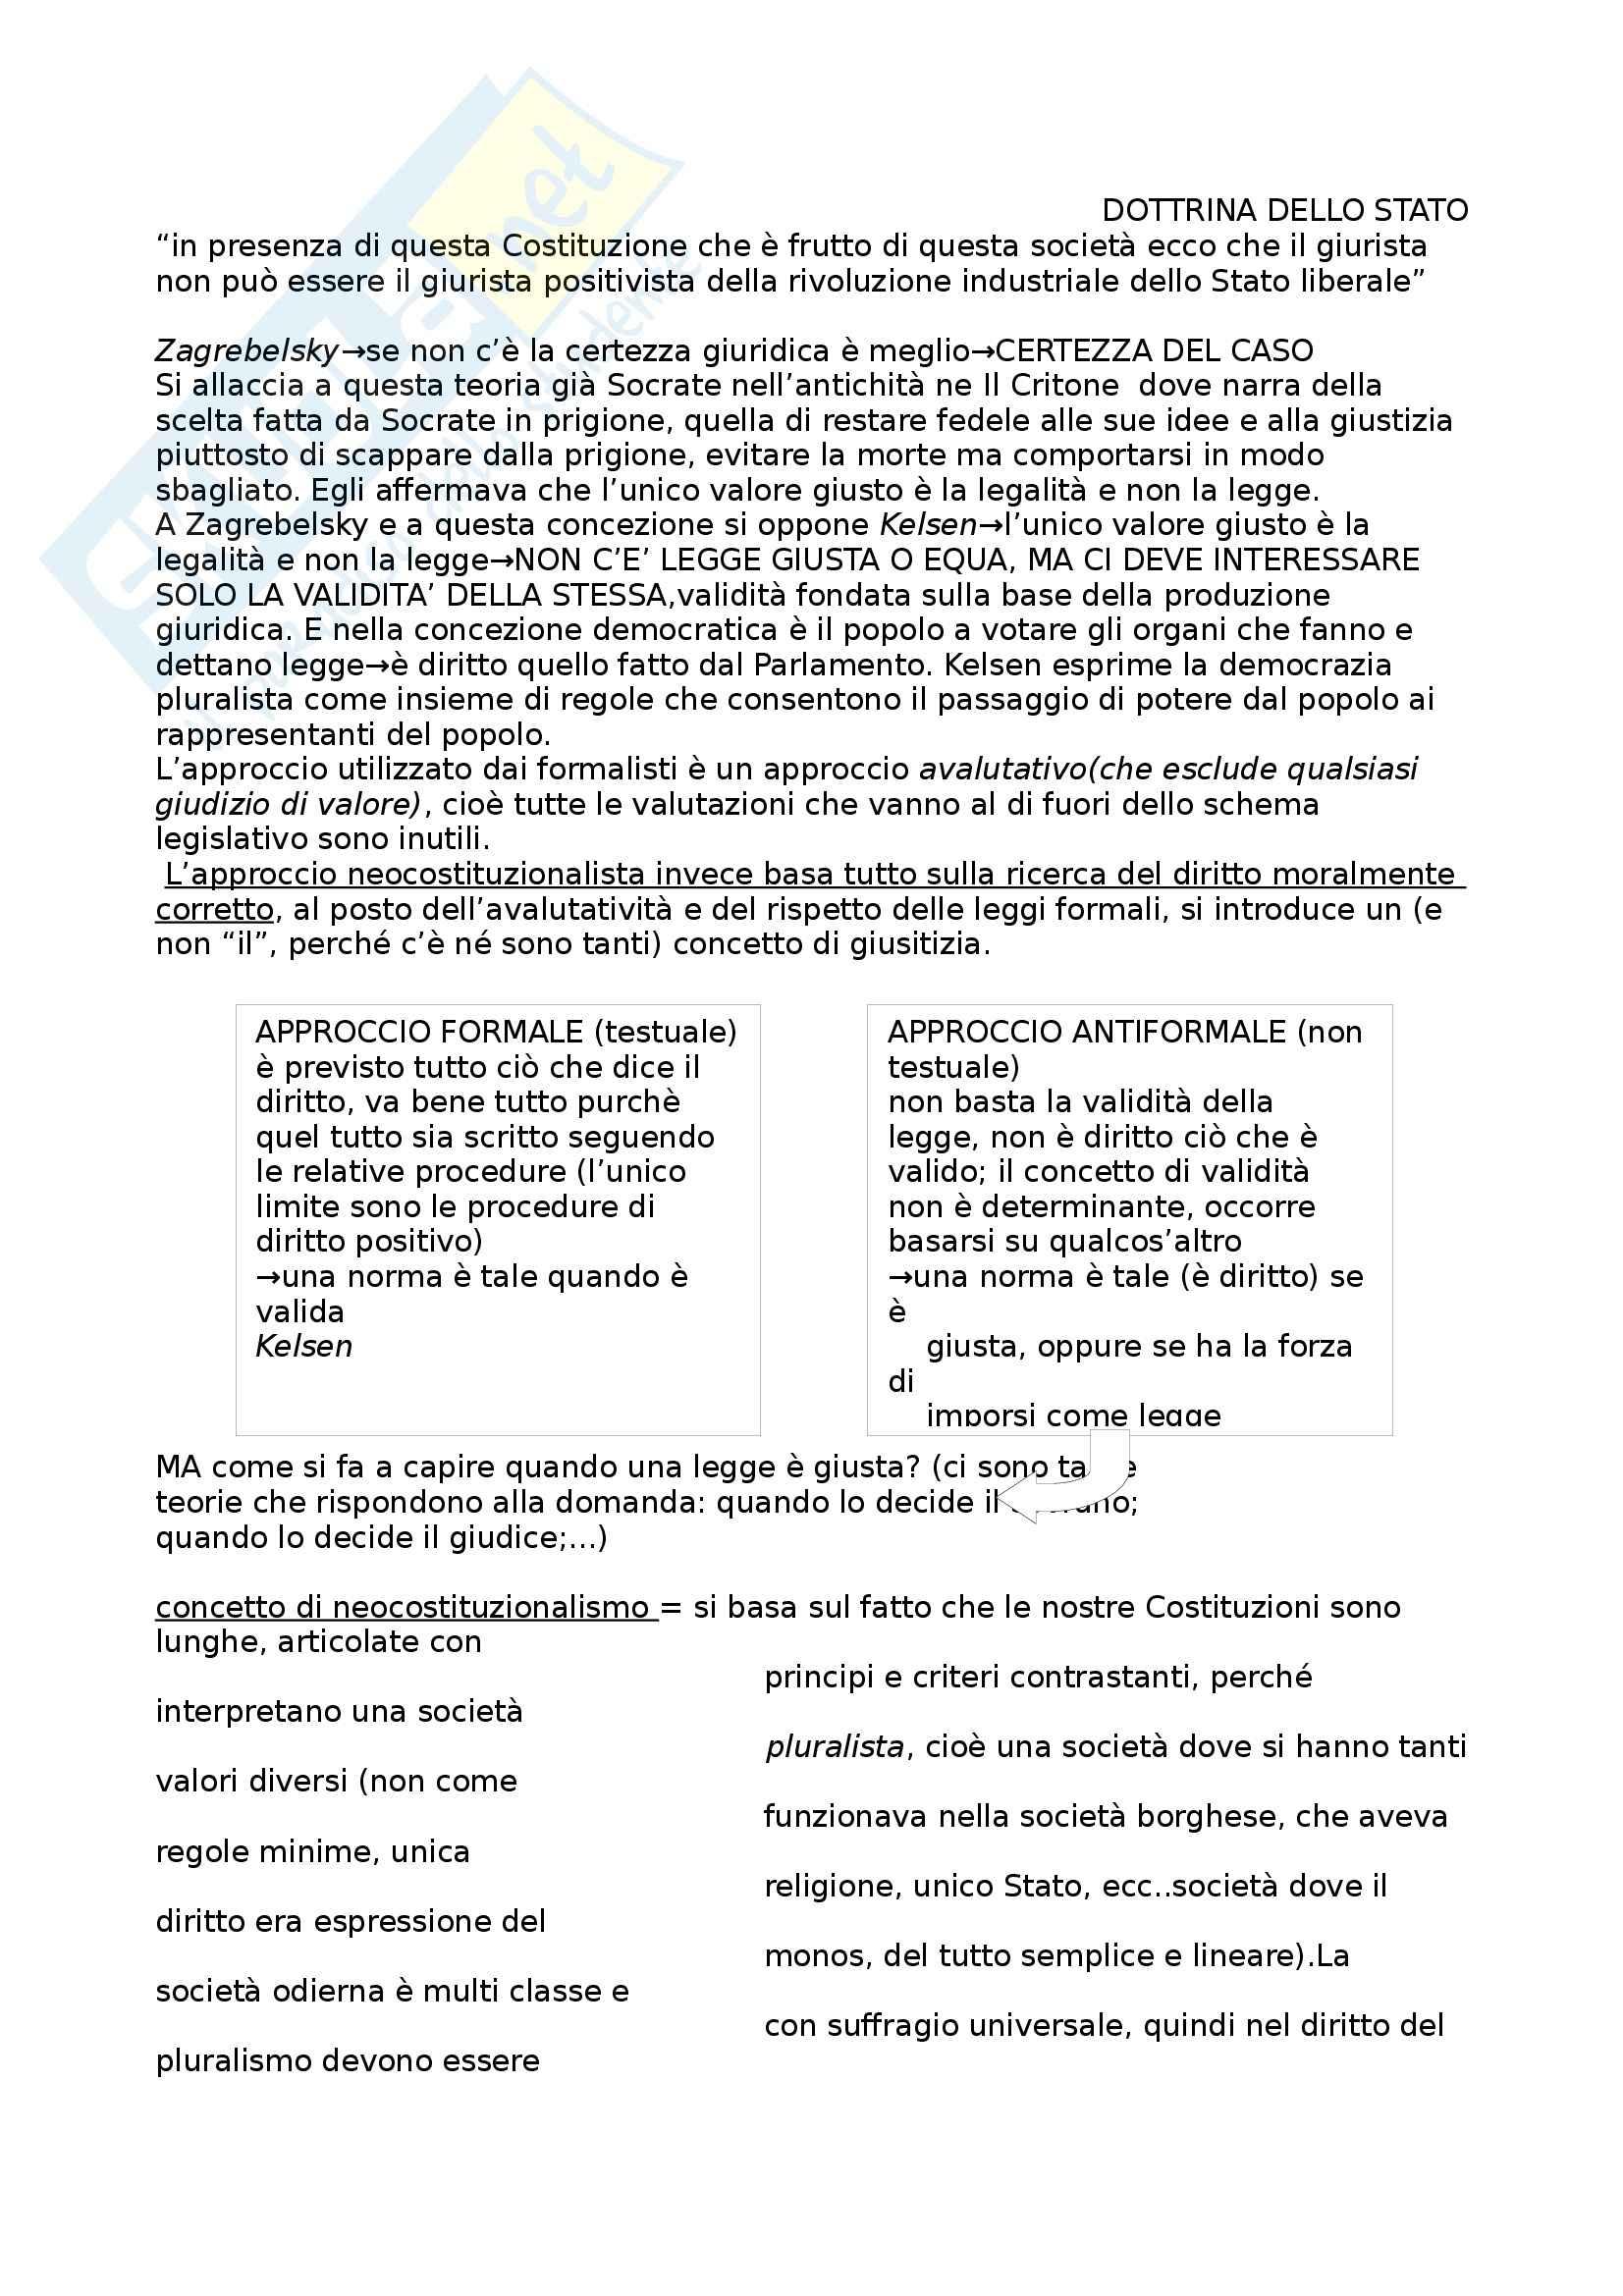 Scienze delle dottrine politiche - Appunti